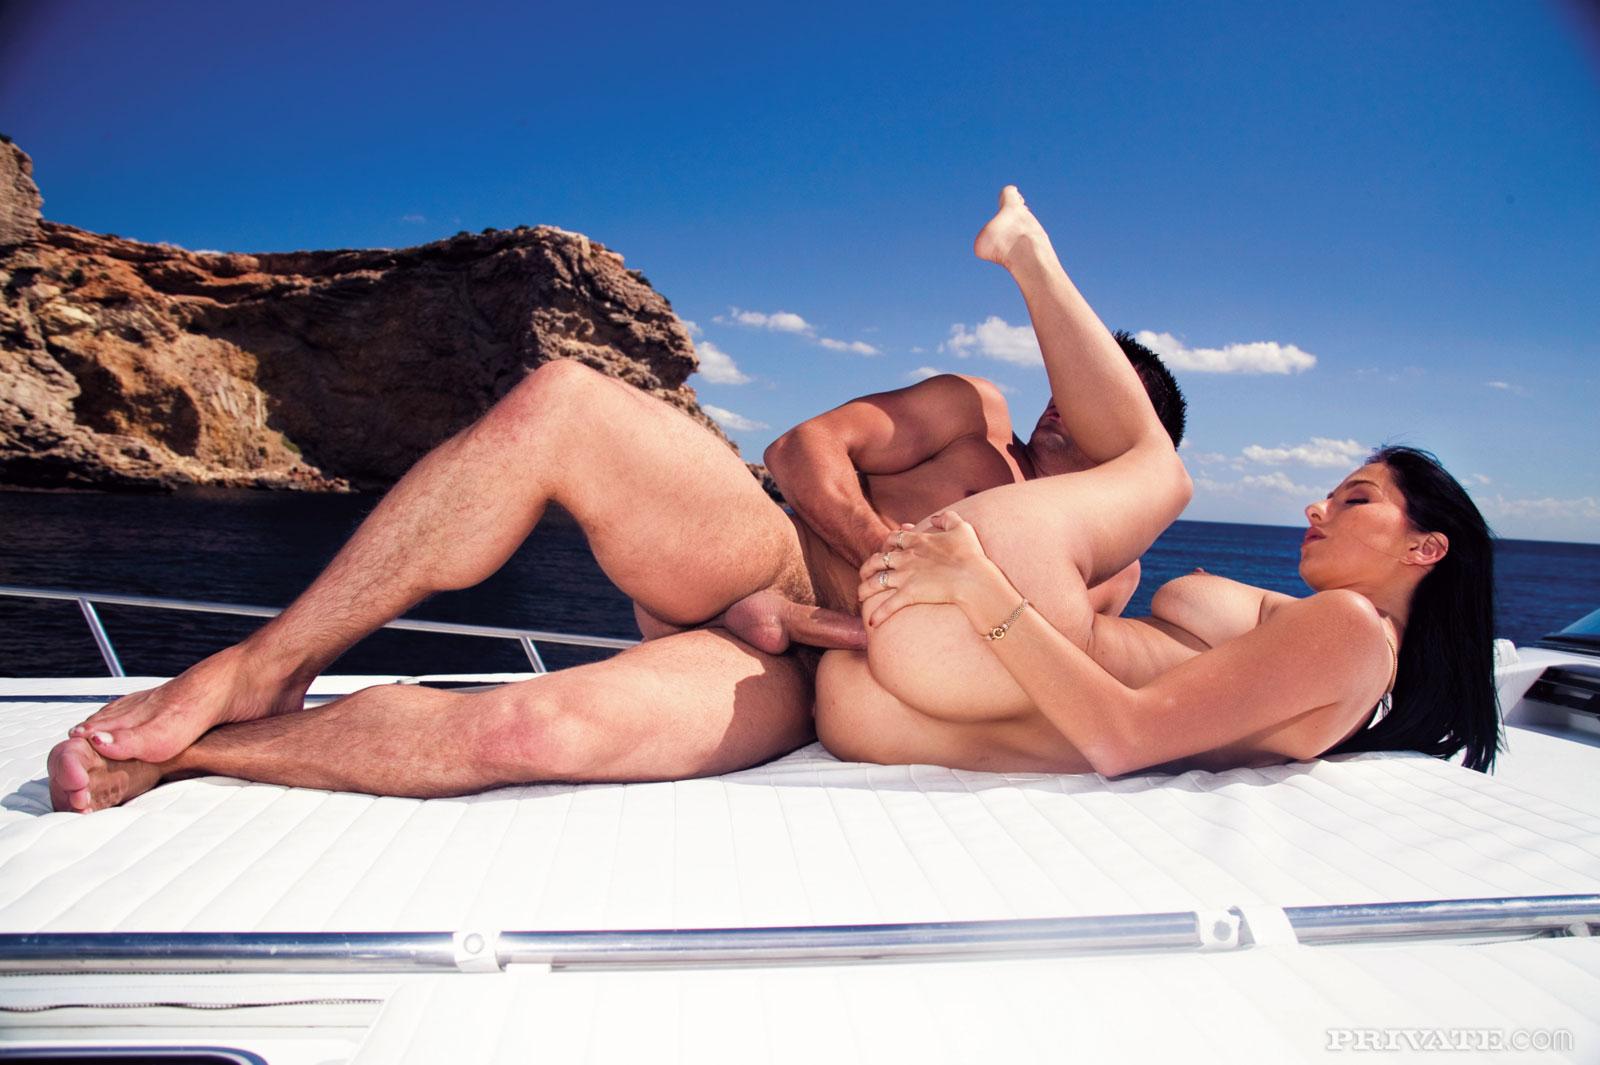 Телки на яхте порно фото 14 фотография